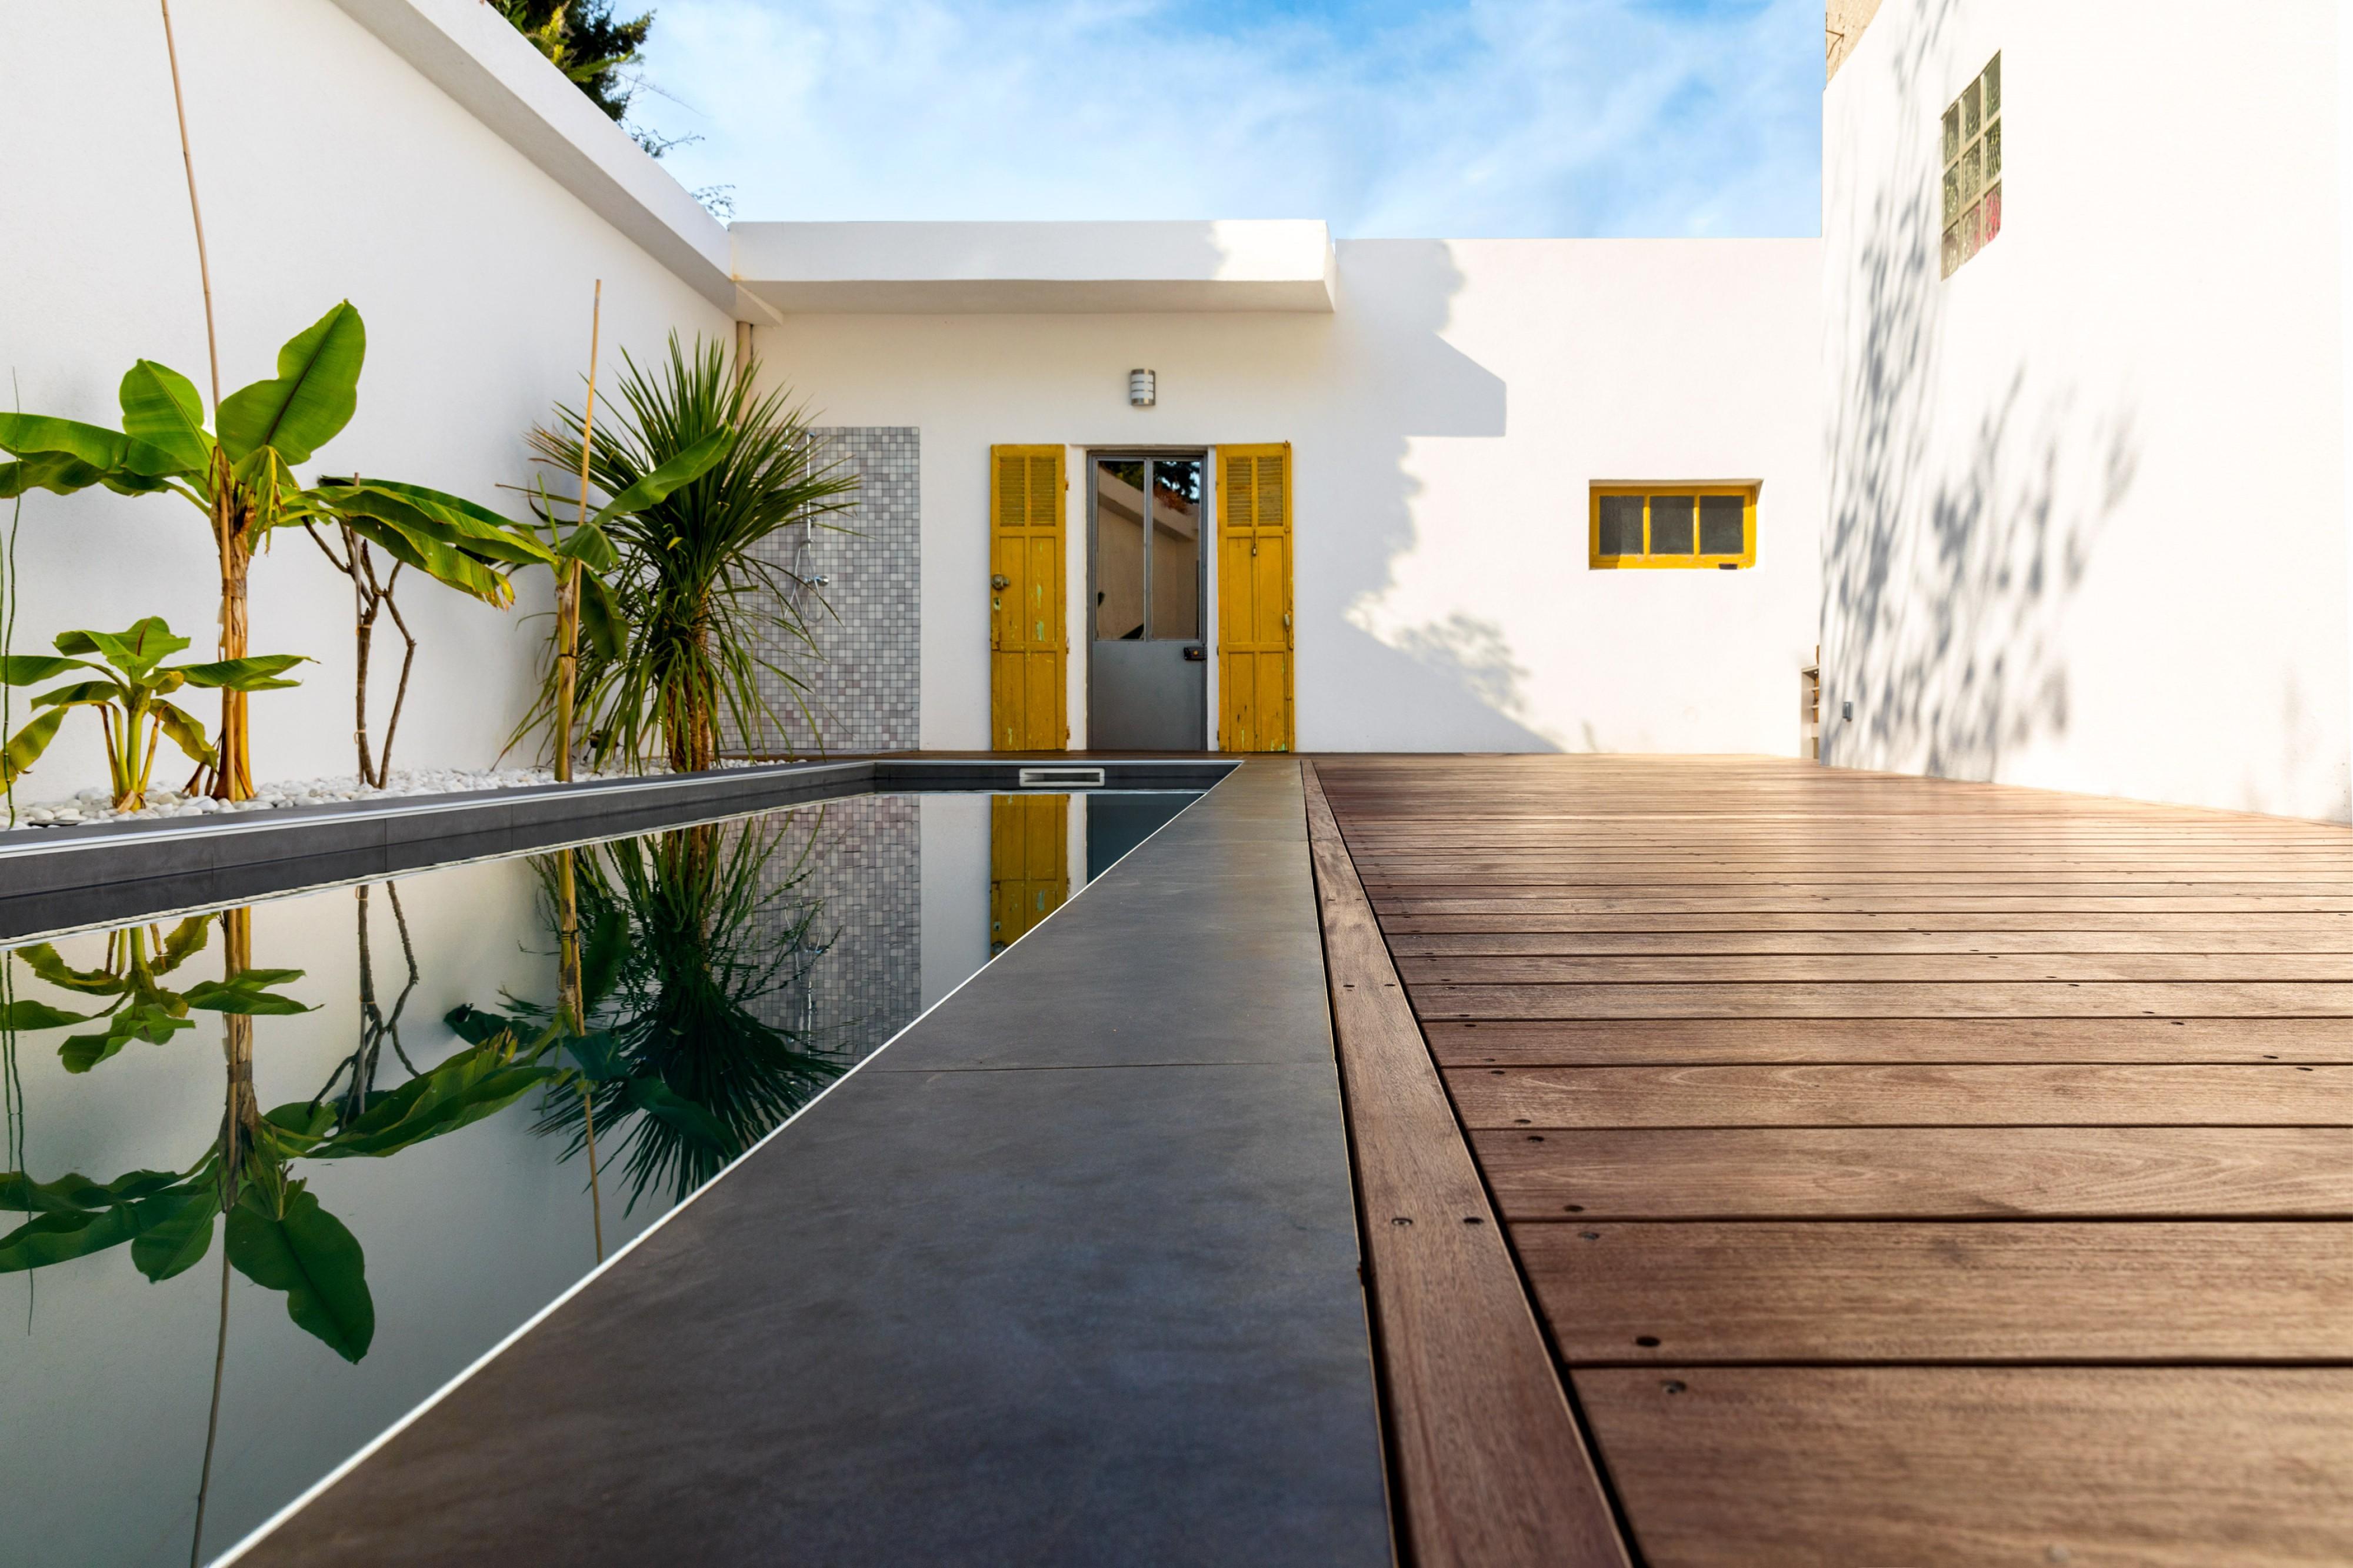 Tour de piscine bois a la ciotat am nagement de terrasse - Amenagement piscine bois aixen provence ...